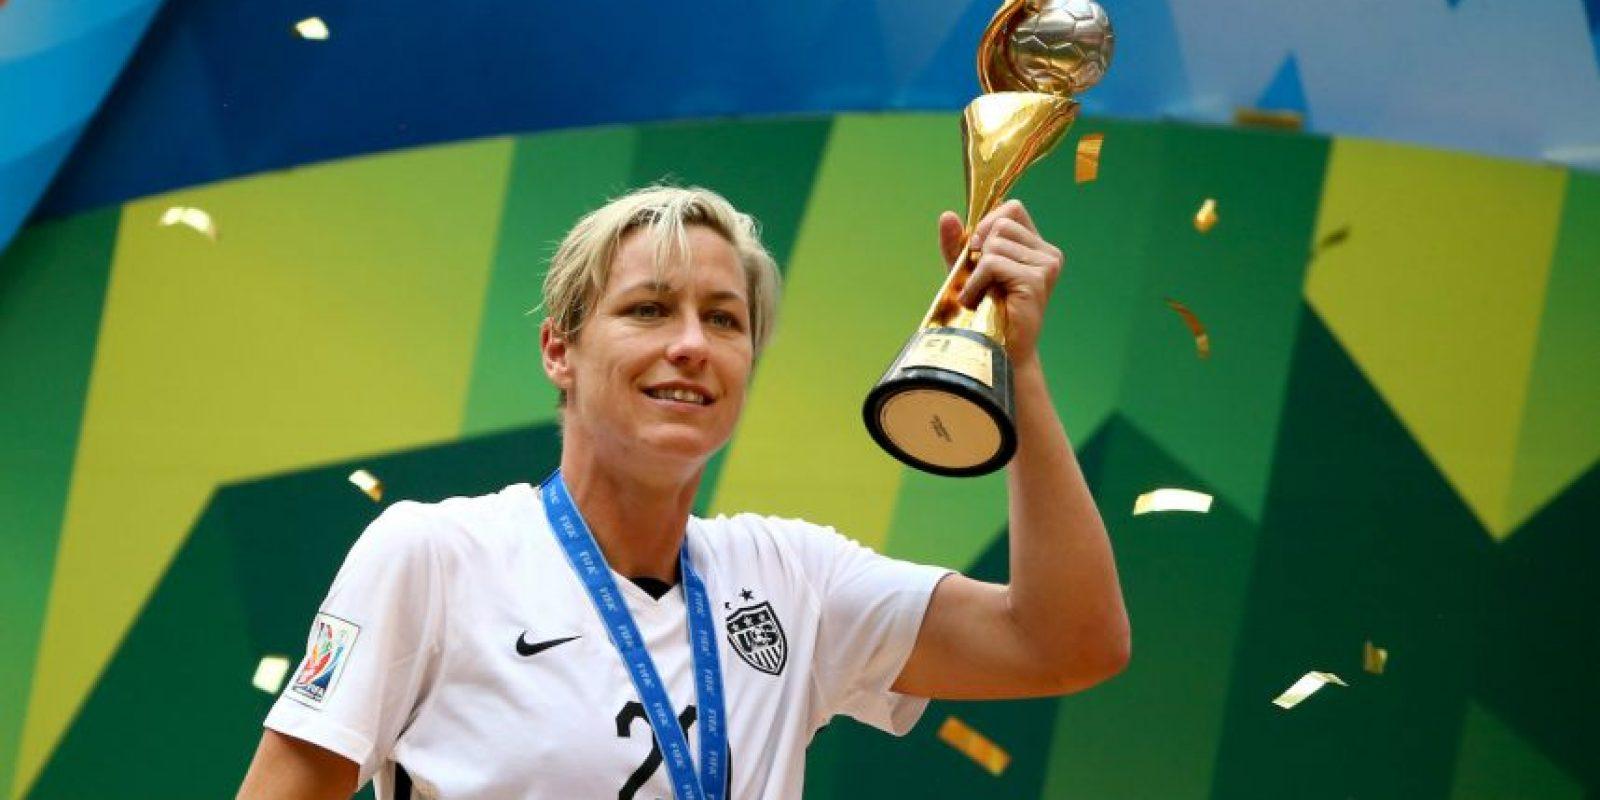 Con 35 años, Abby Wambach es de las futbolistas históricas de la selección femenina de Estados Unidos, a la que pertenece desde 2001. Foto:Getty Images